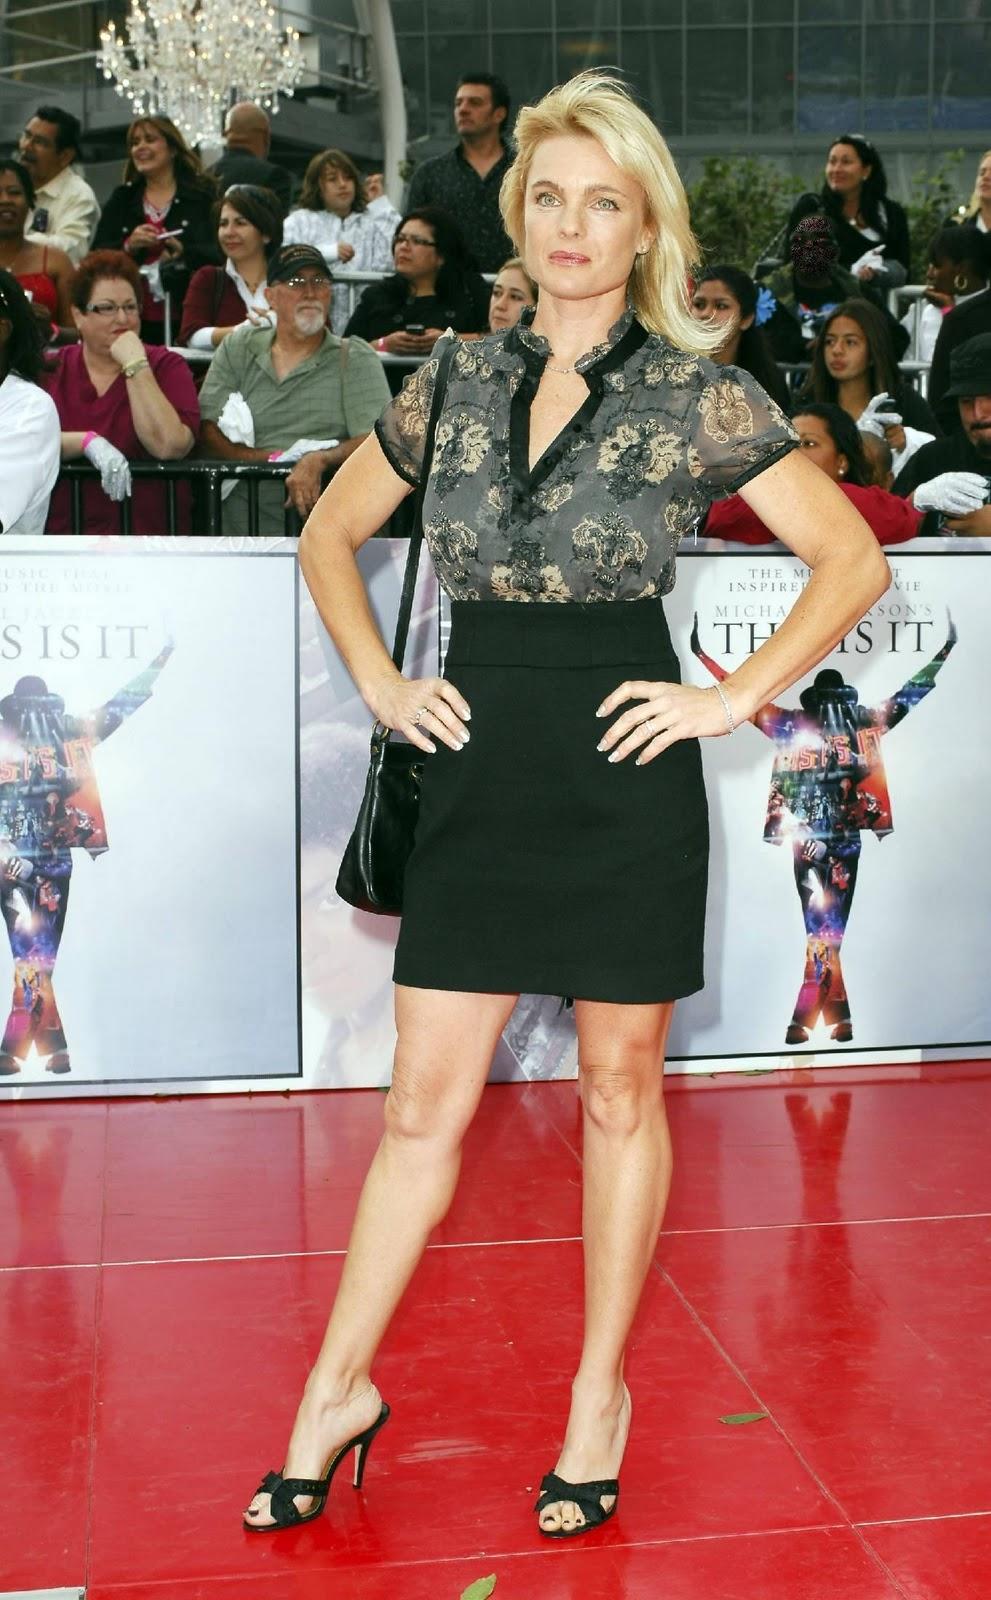 http://2.bp.blogspot.com/_hgdlBJDRZkM/TRtOeB8csBI/AAAAAAAAD_c/q8gEwH0alGM/s1600/Erika-Eleniak-Feet-217942.jpg